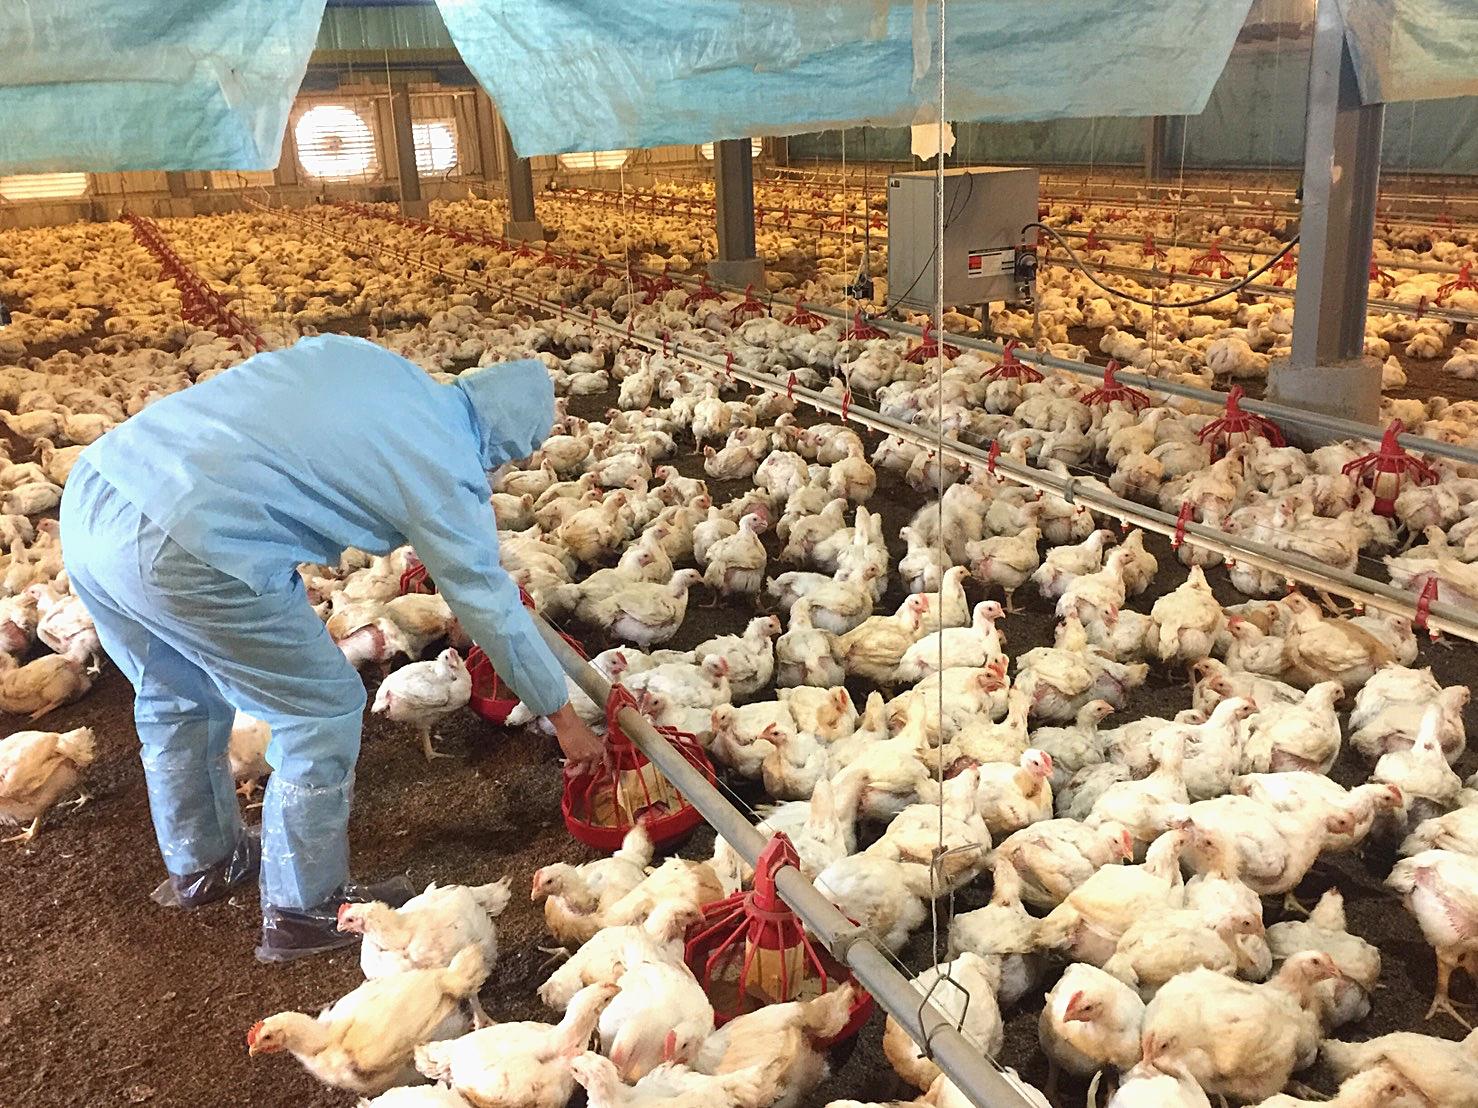 飼養密度一坪只有35隻,讓雞隻有較為舒適的生長環境(攝影_孔德廉)